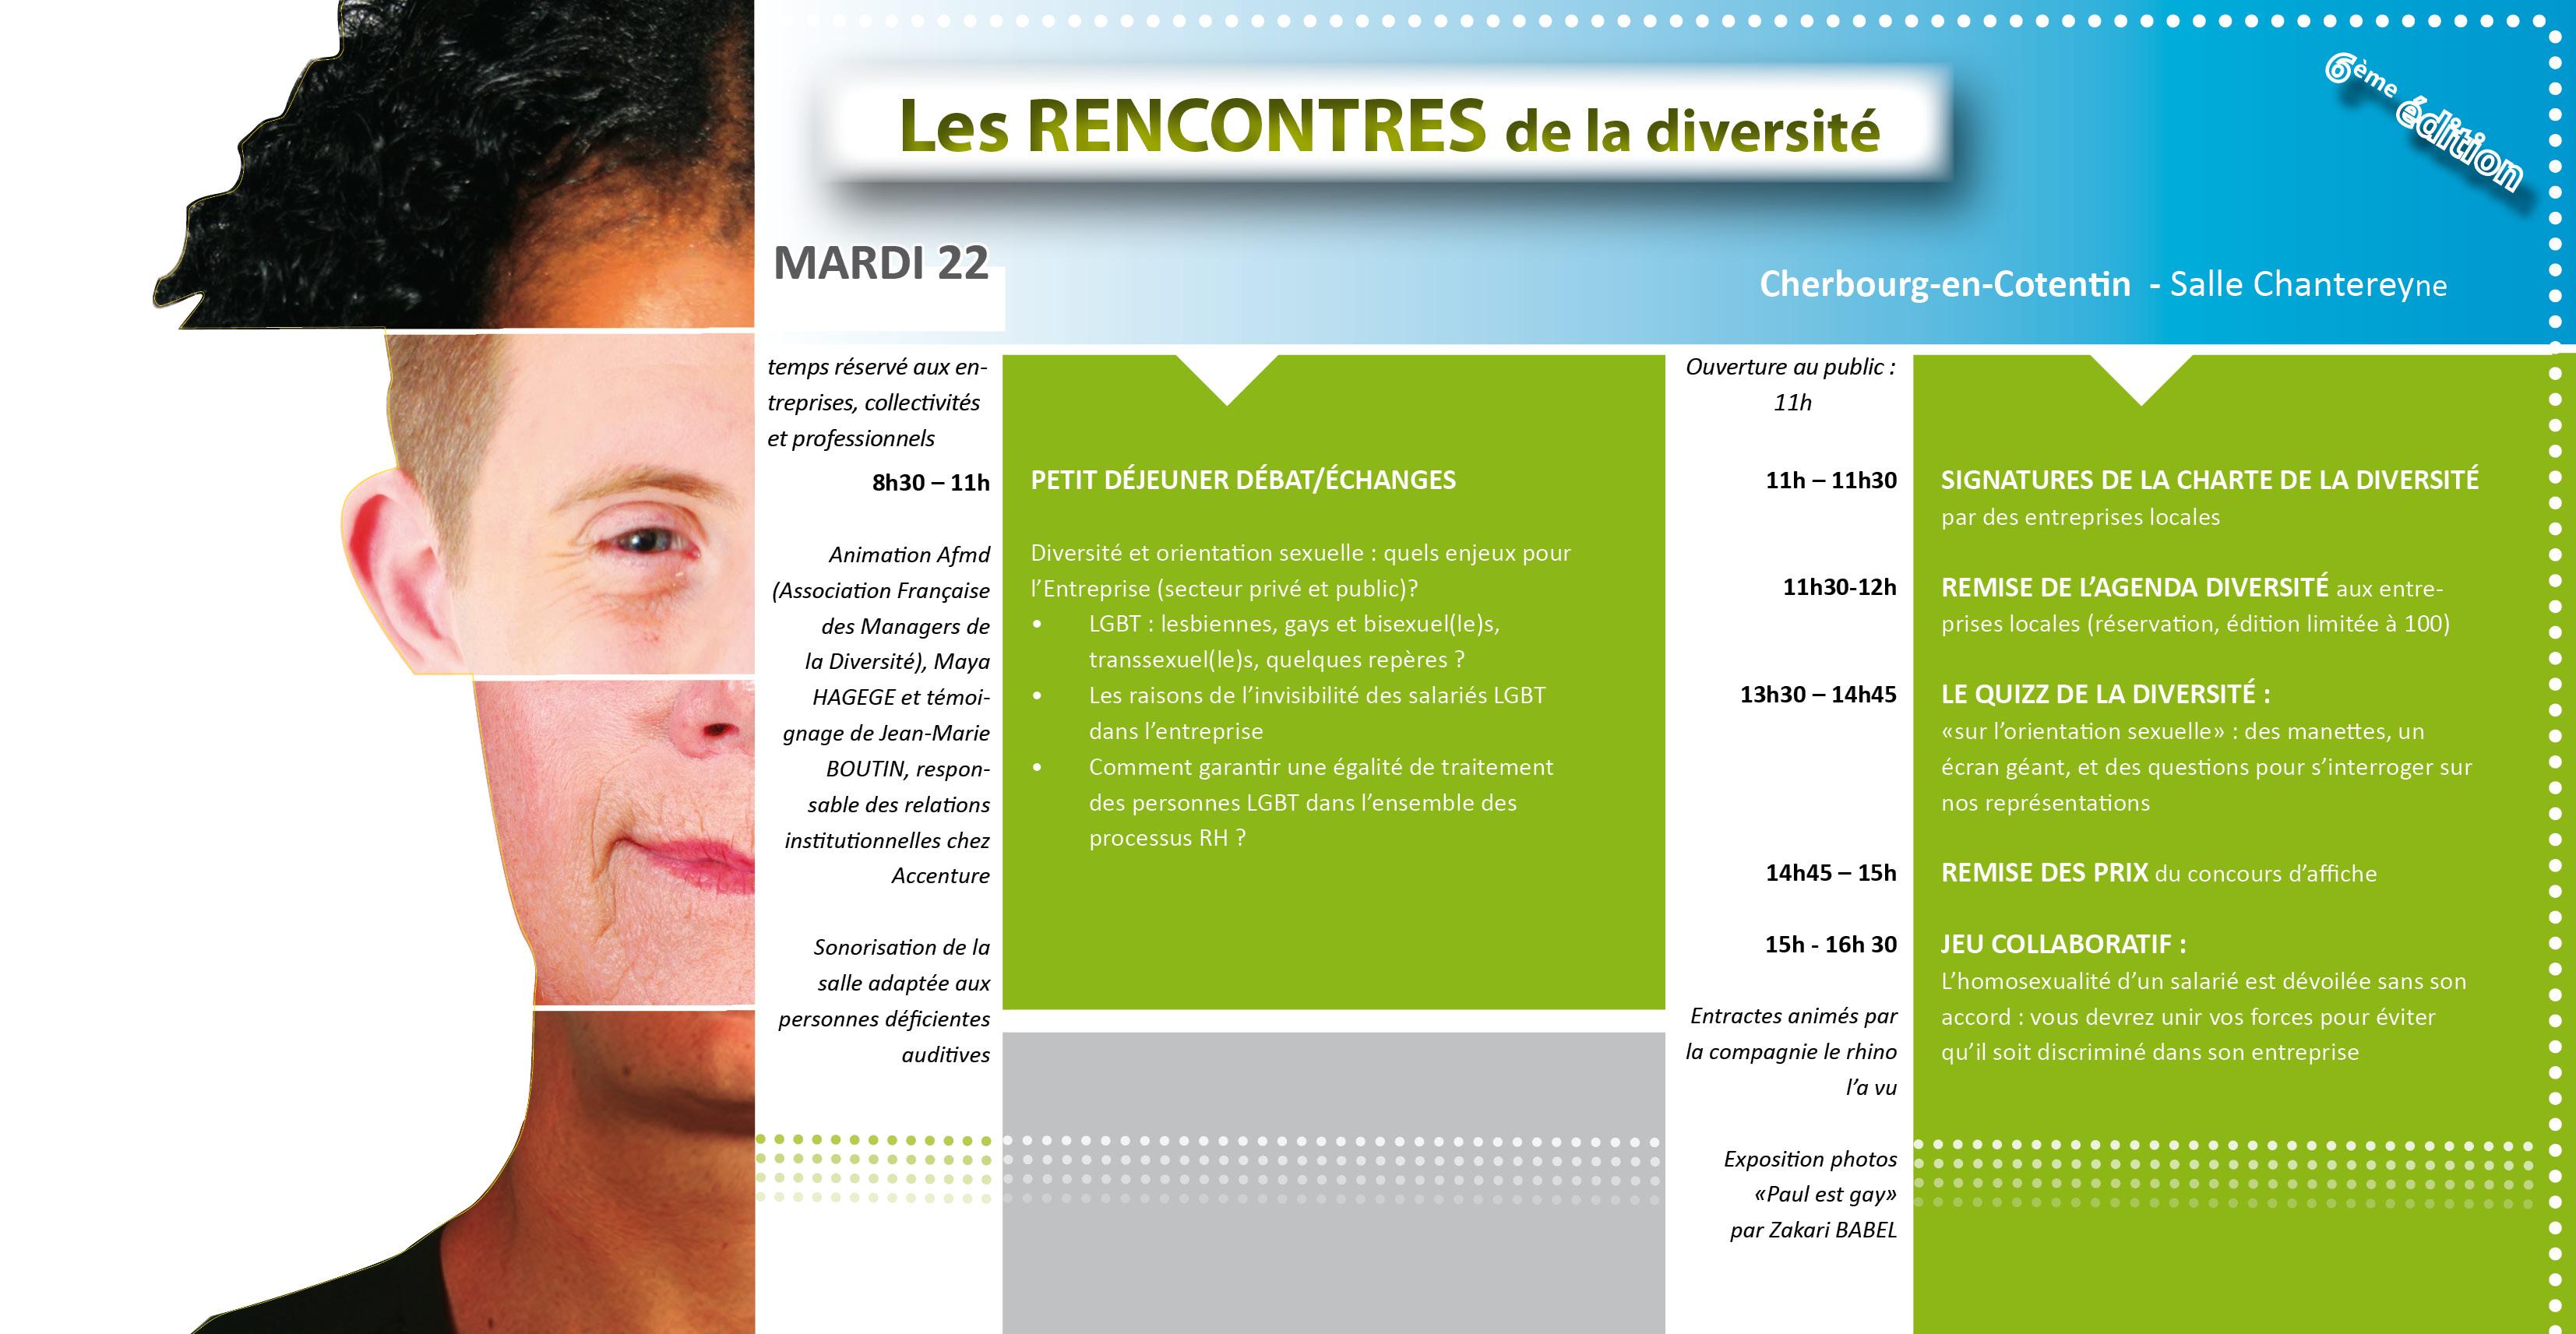 programme-les-rencontres-de-la-diversite